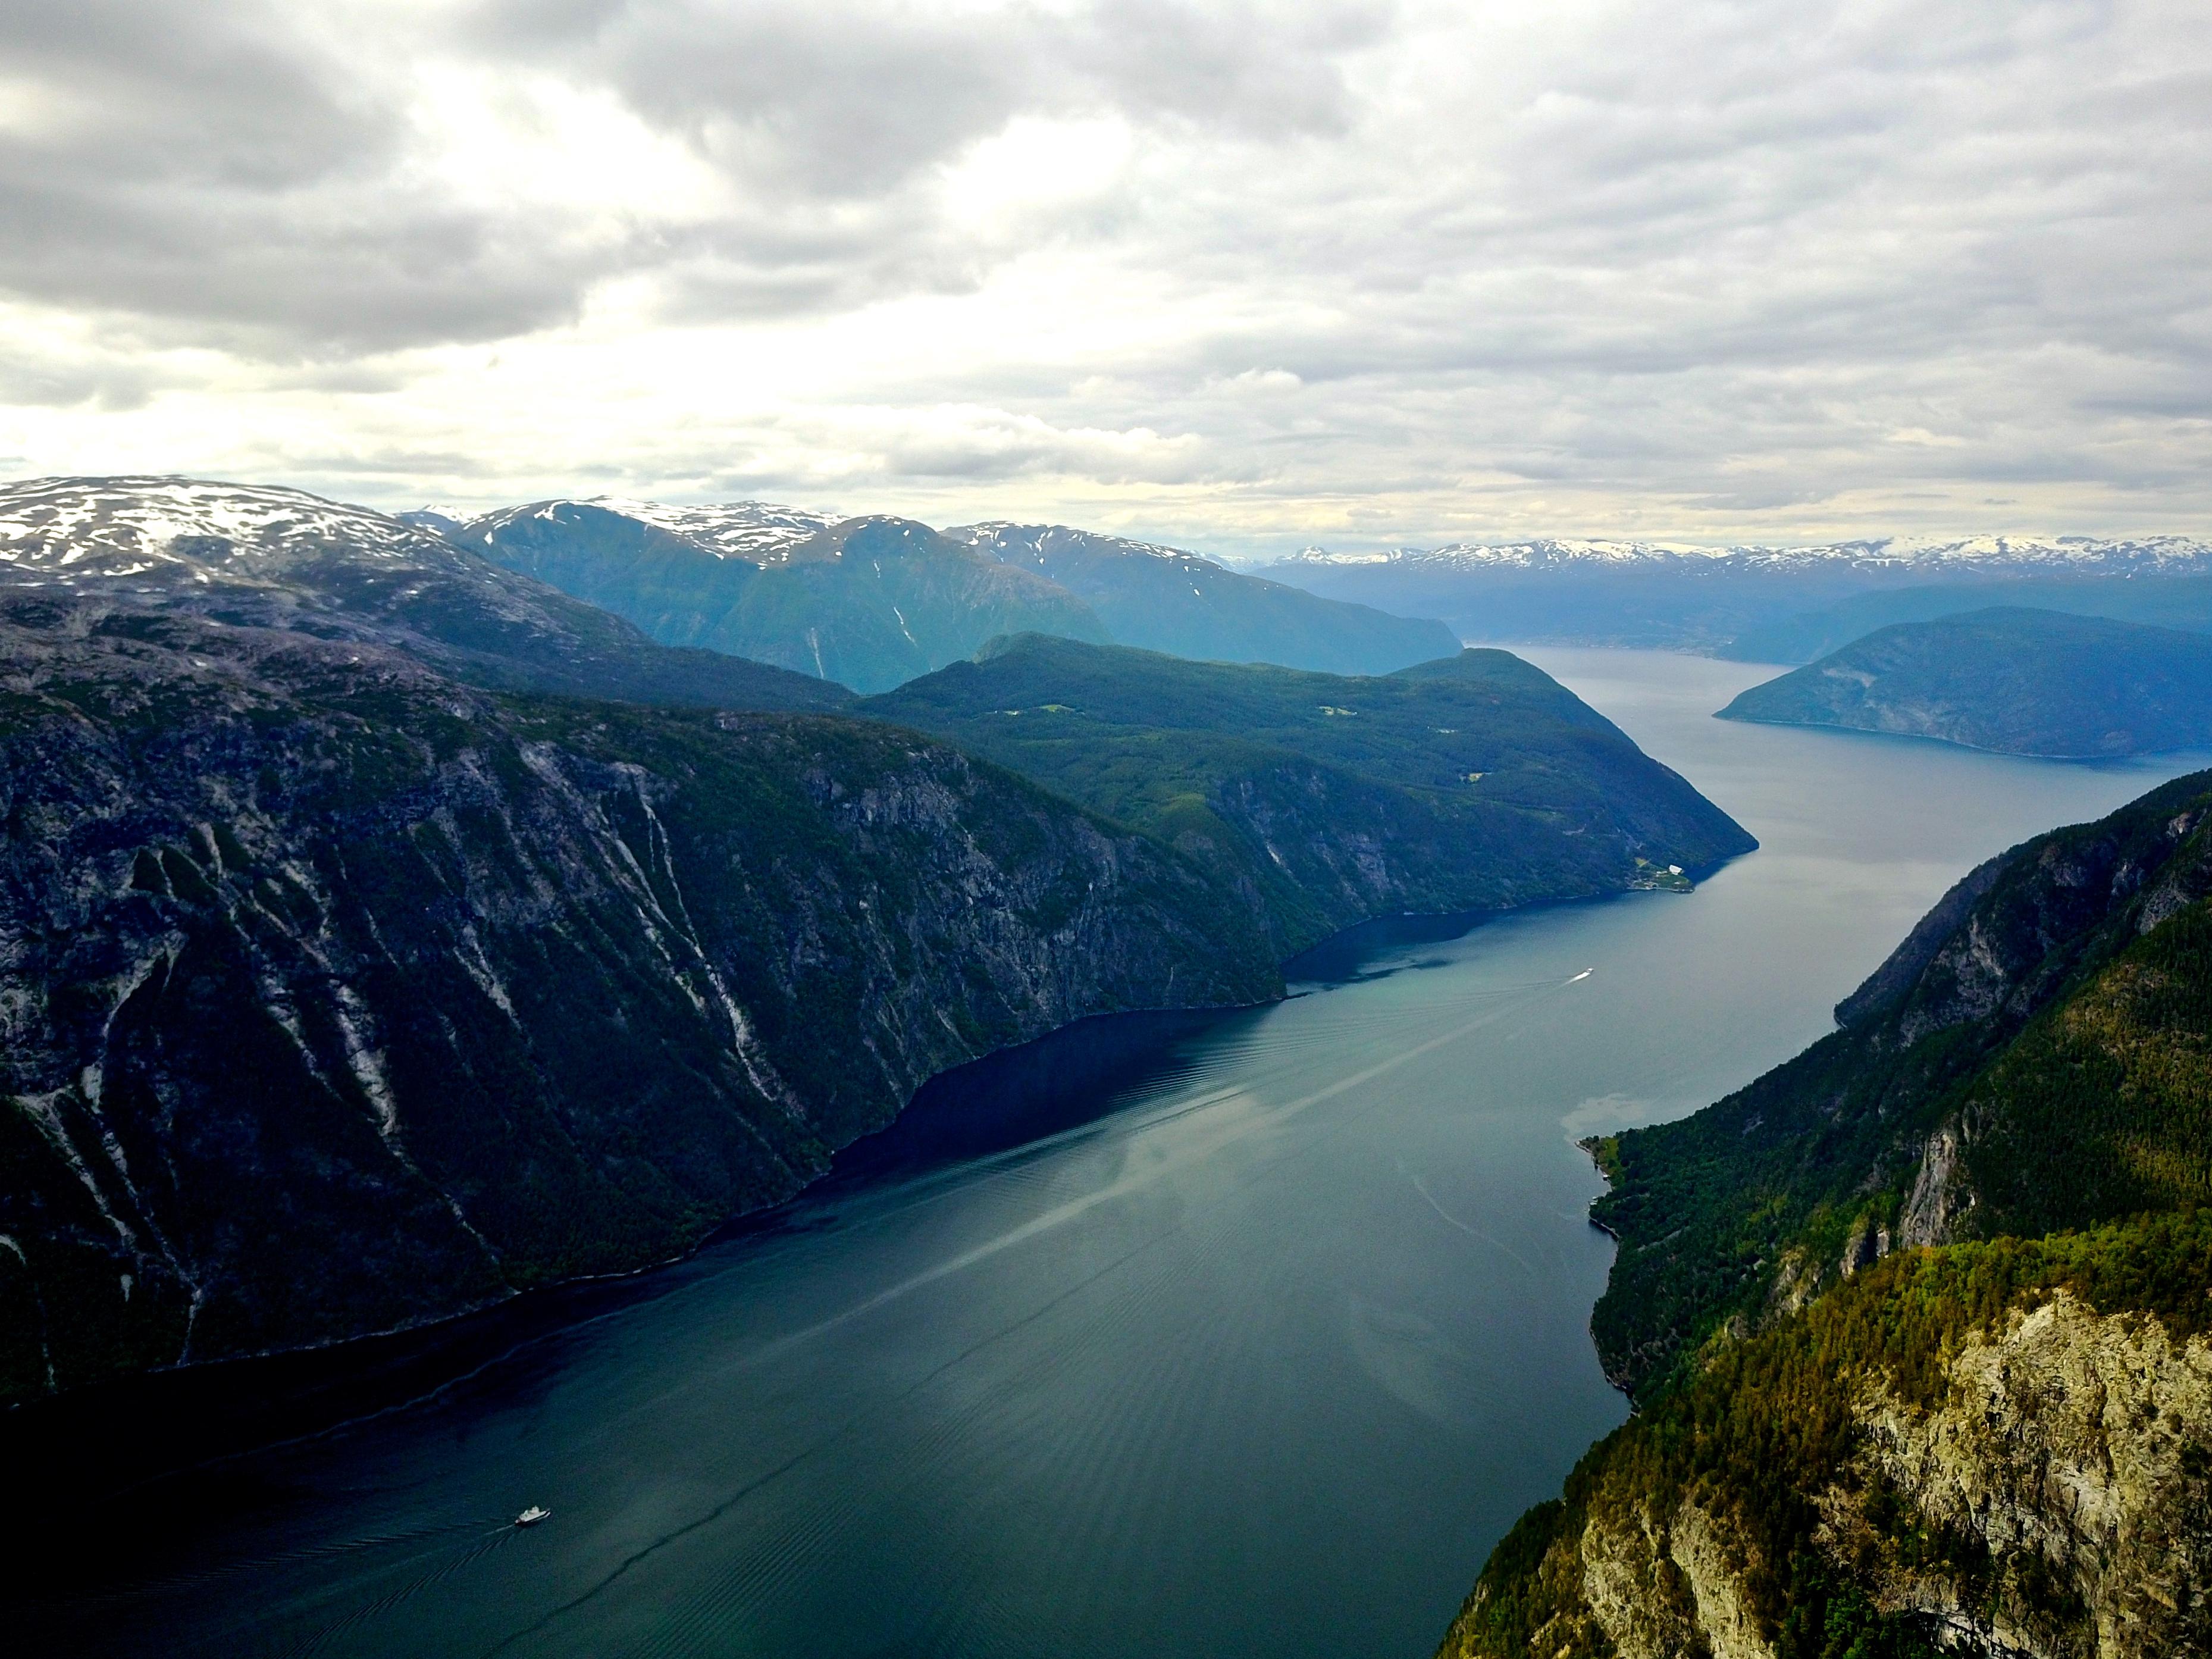 Aurlandsfjorden løper ut mot Sognefjorden. I bagkrunnen ser vi mot Leikanger.